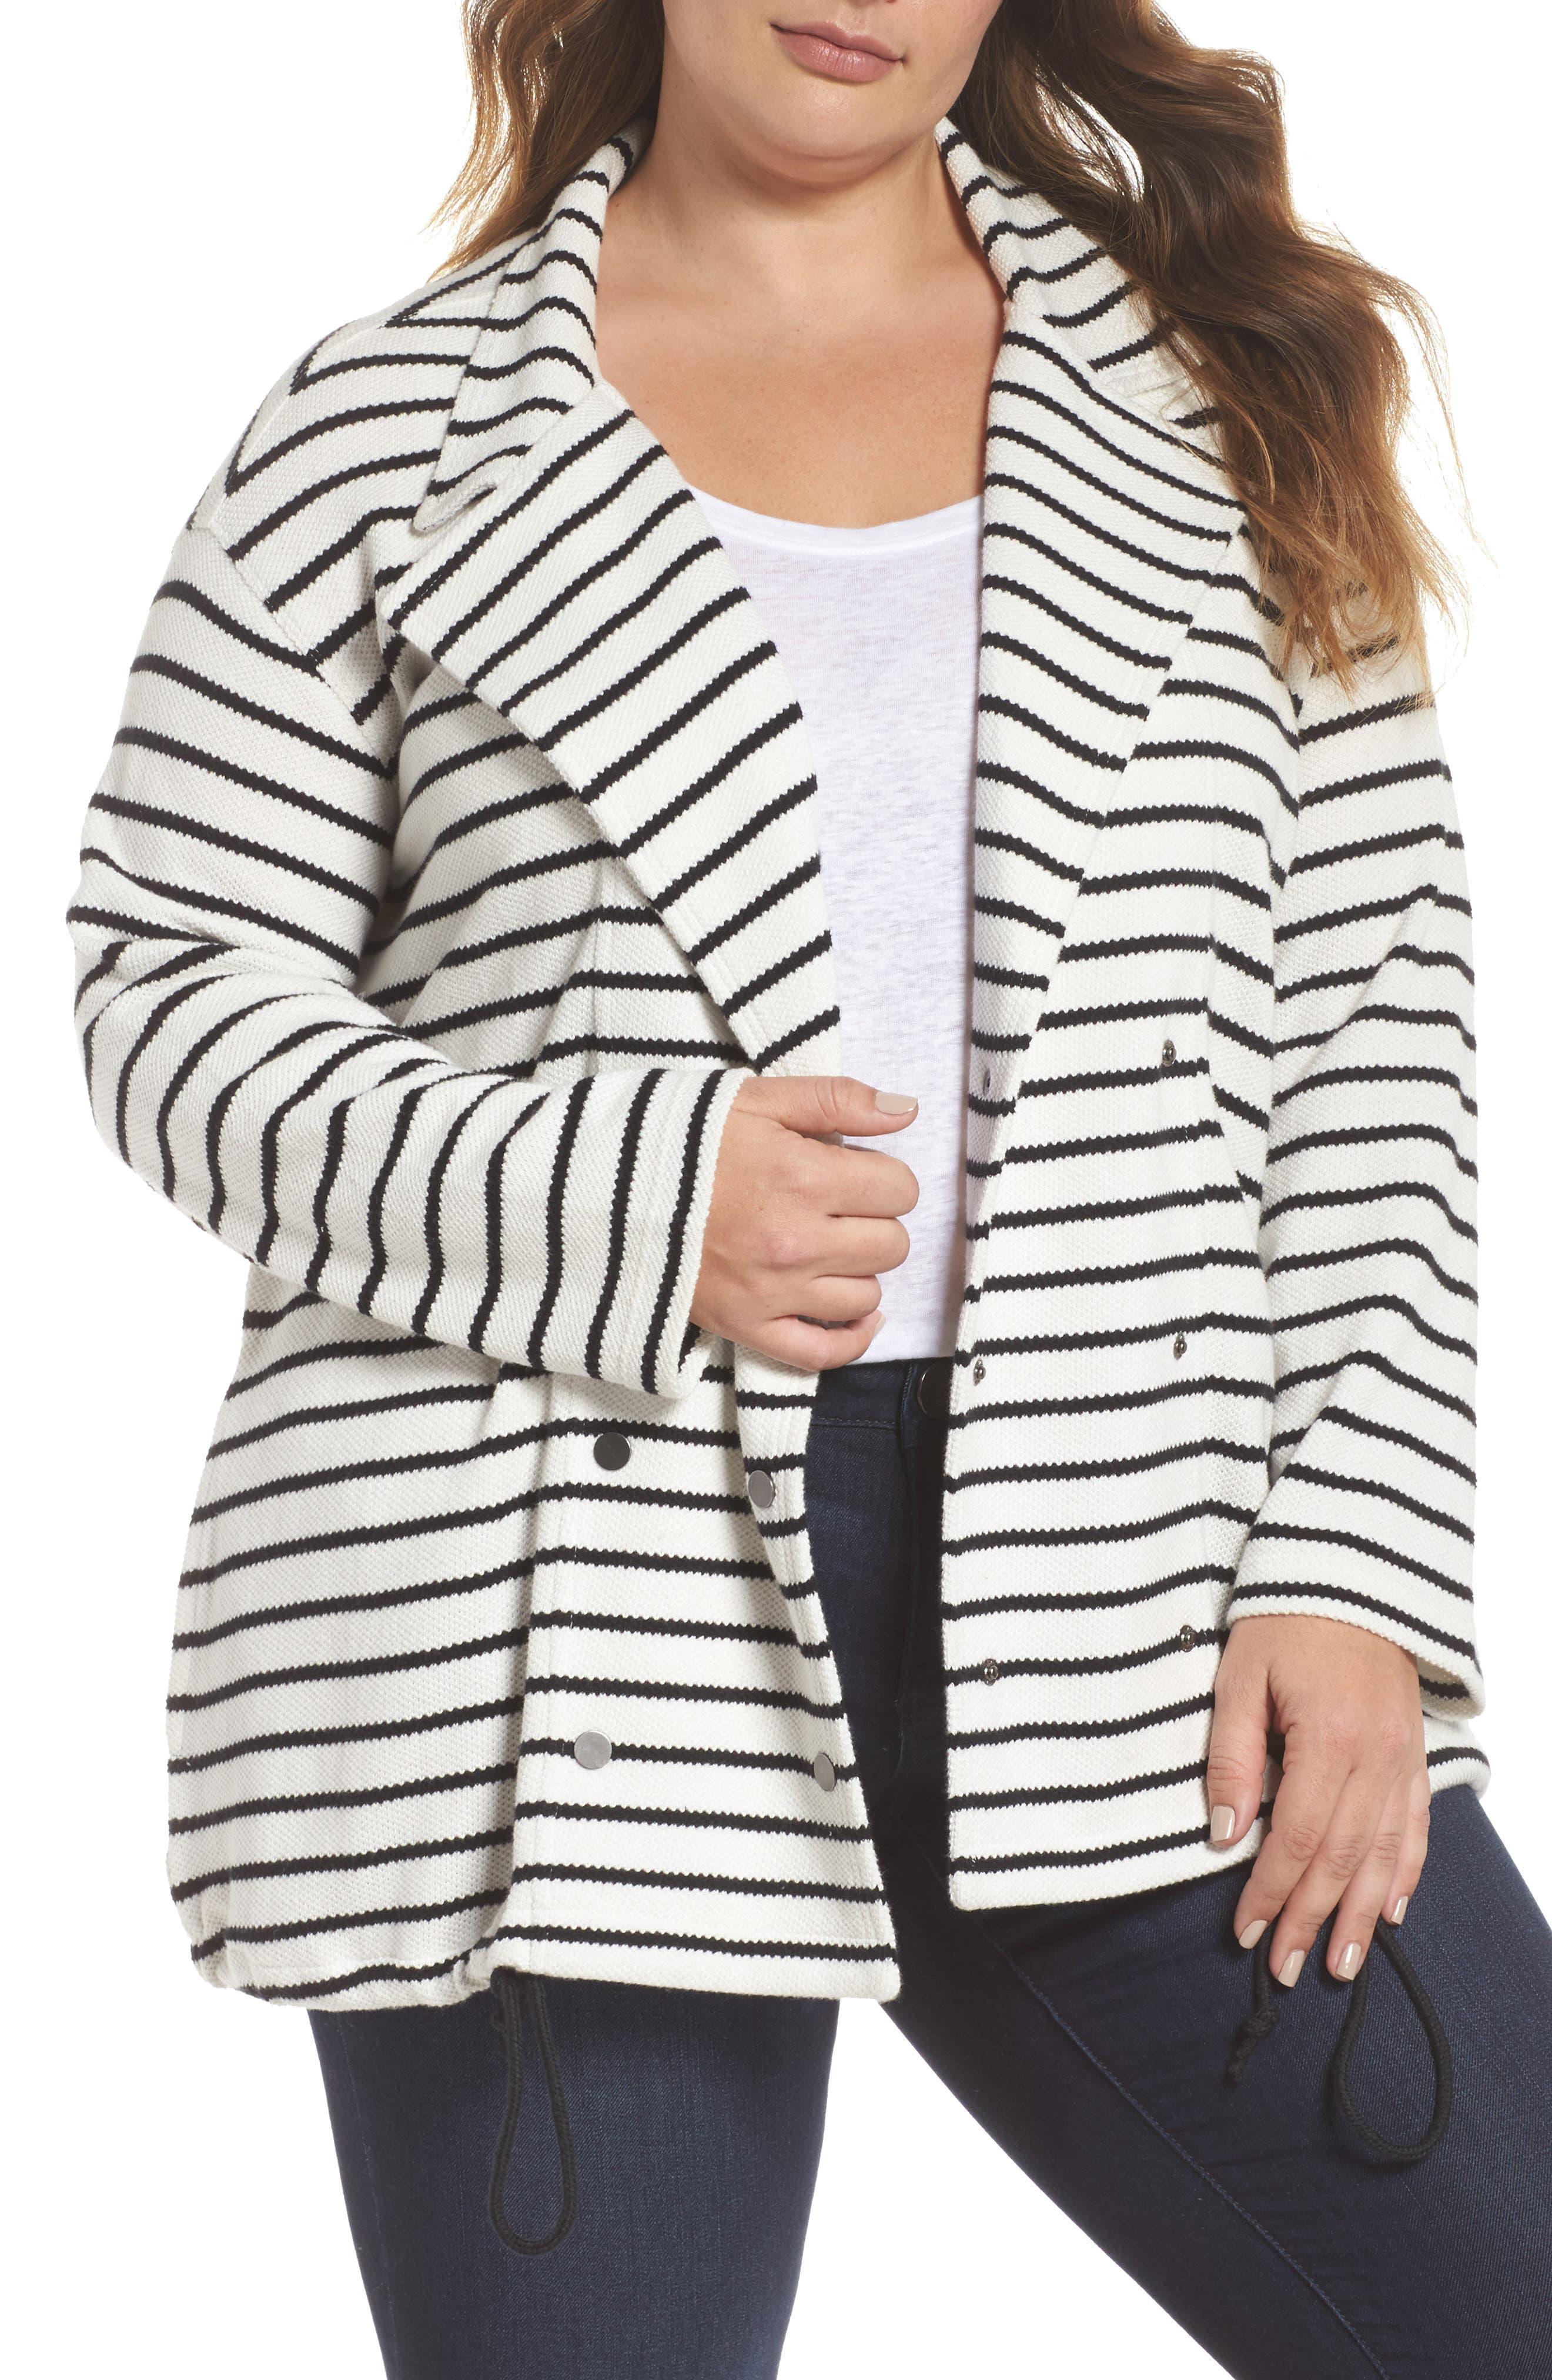 Stripe Peacoat Knit Jacket,                             Main thumbnail 1, color,                             Ivory- Black Stripe